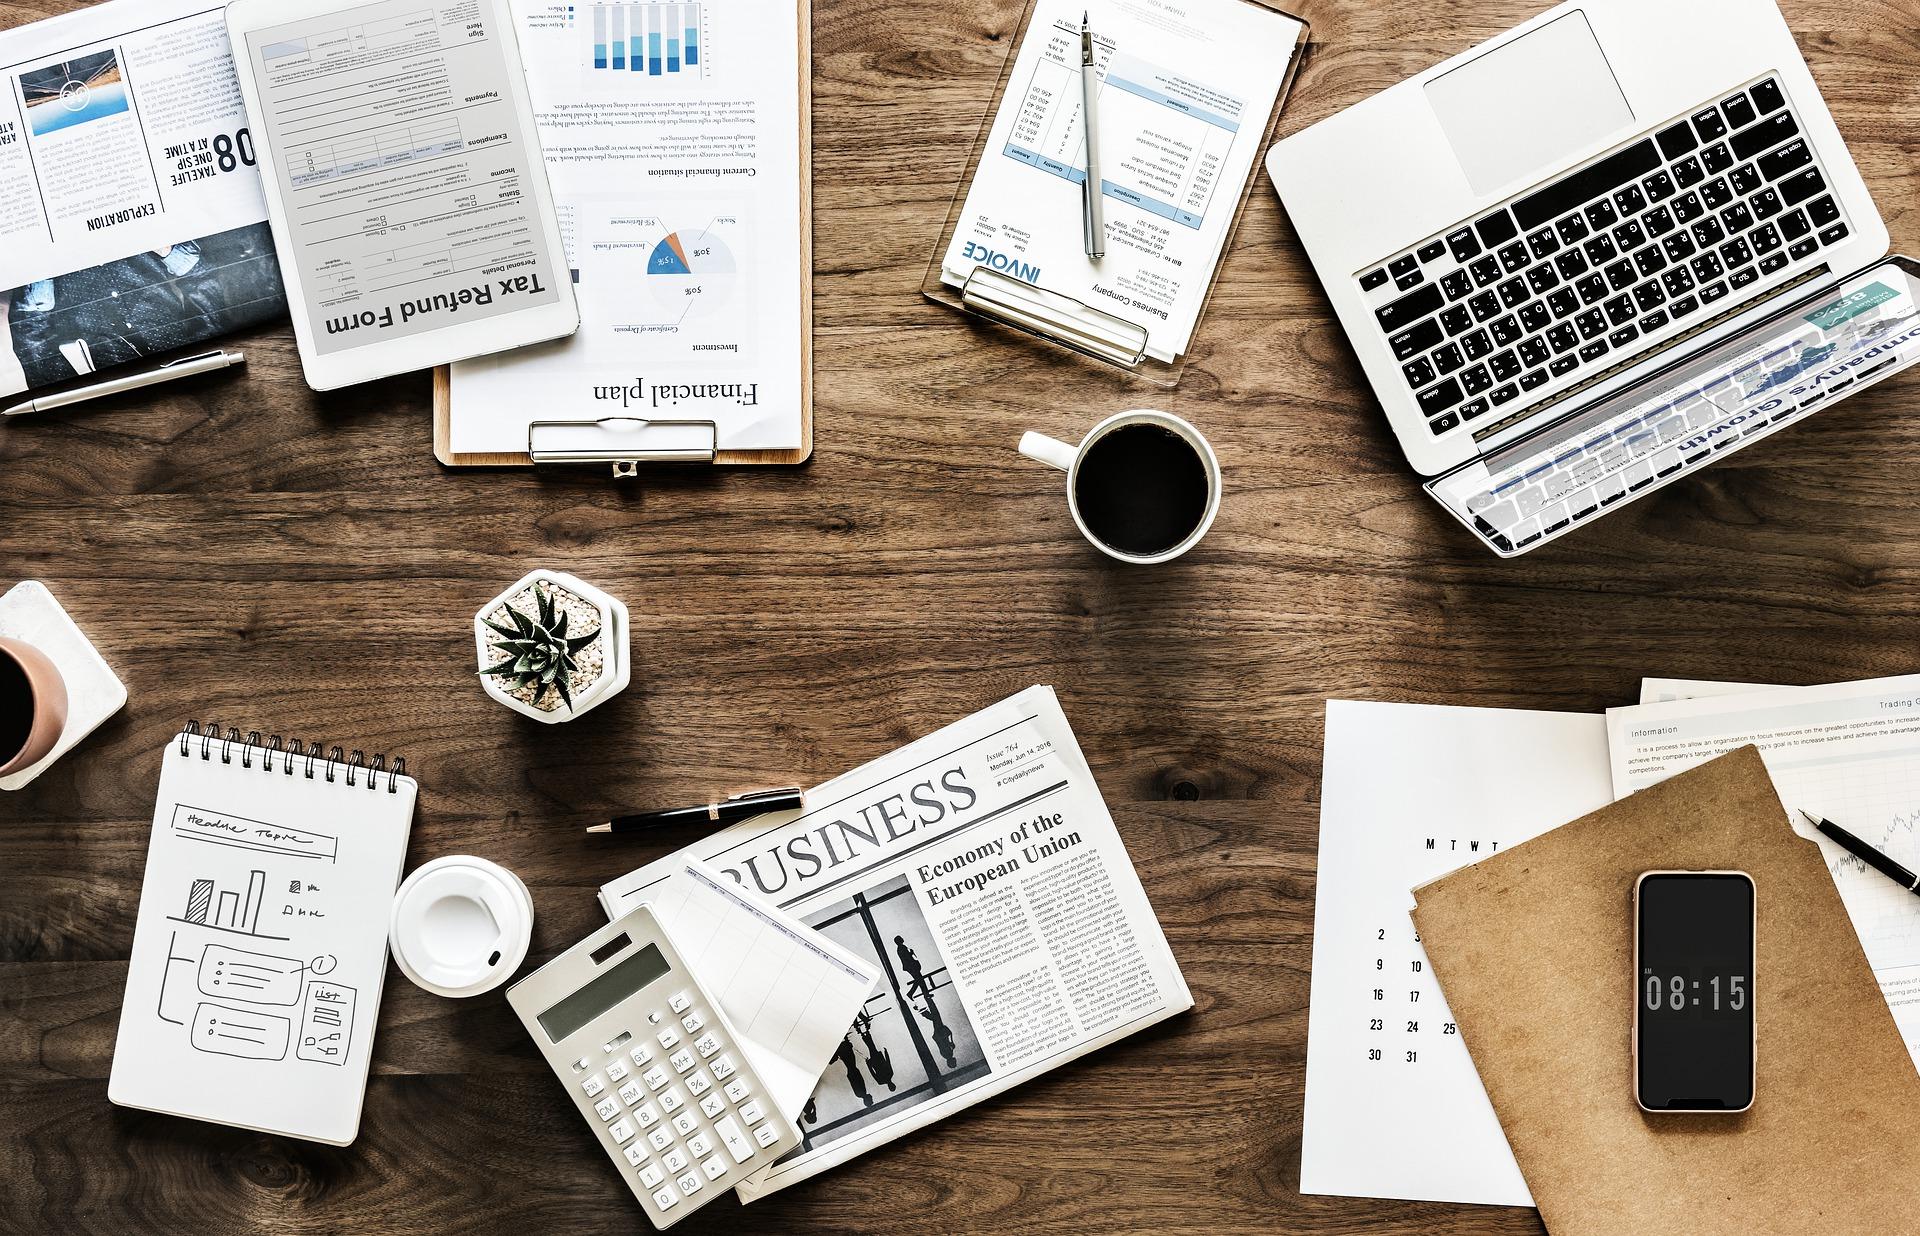 Attività produttive, a Siracusa si insedia la Commissione per le start-up